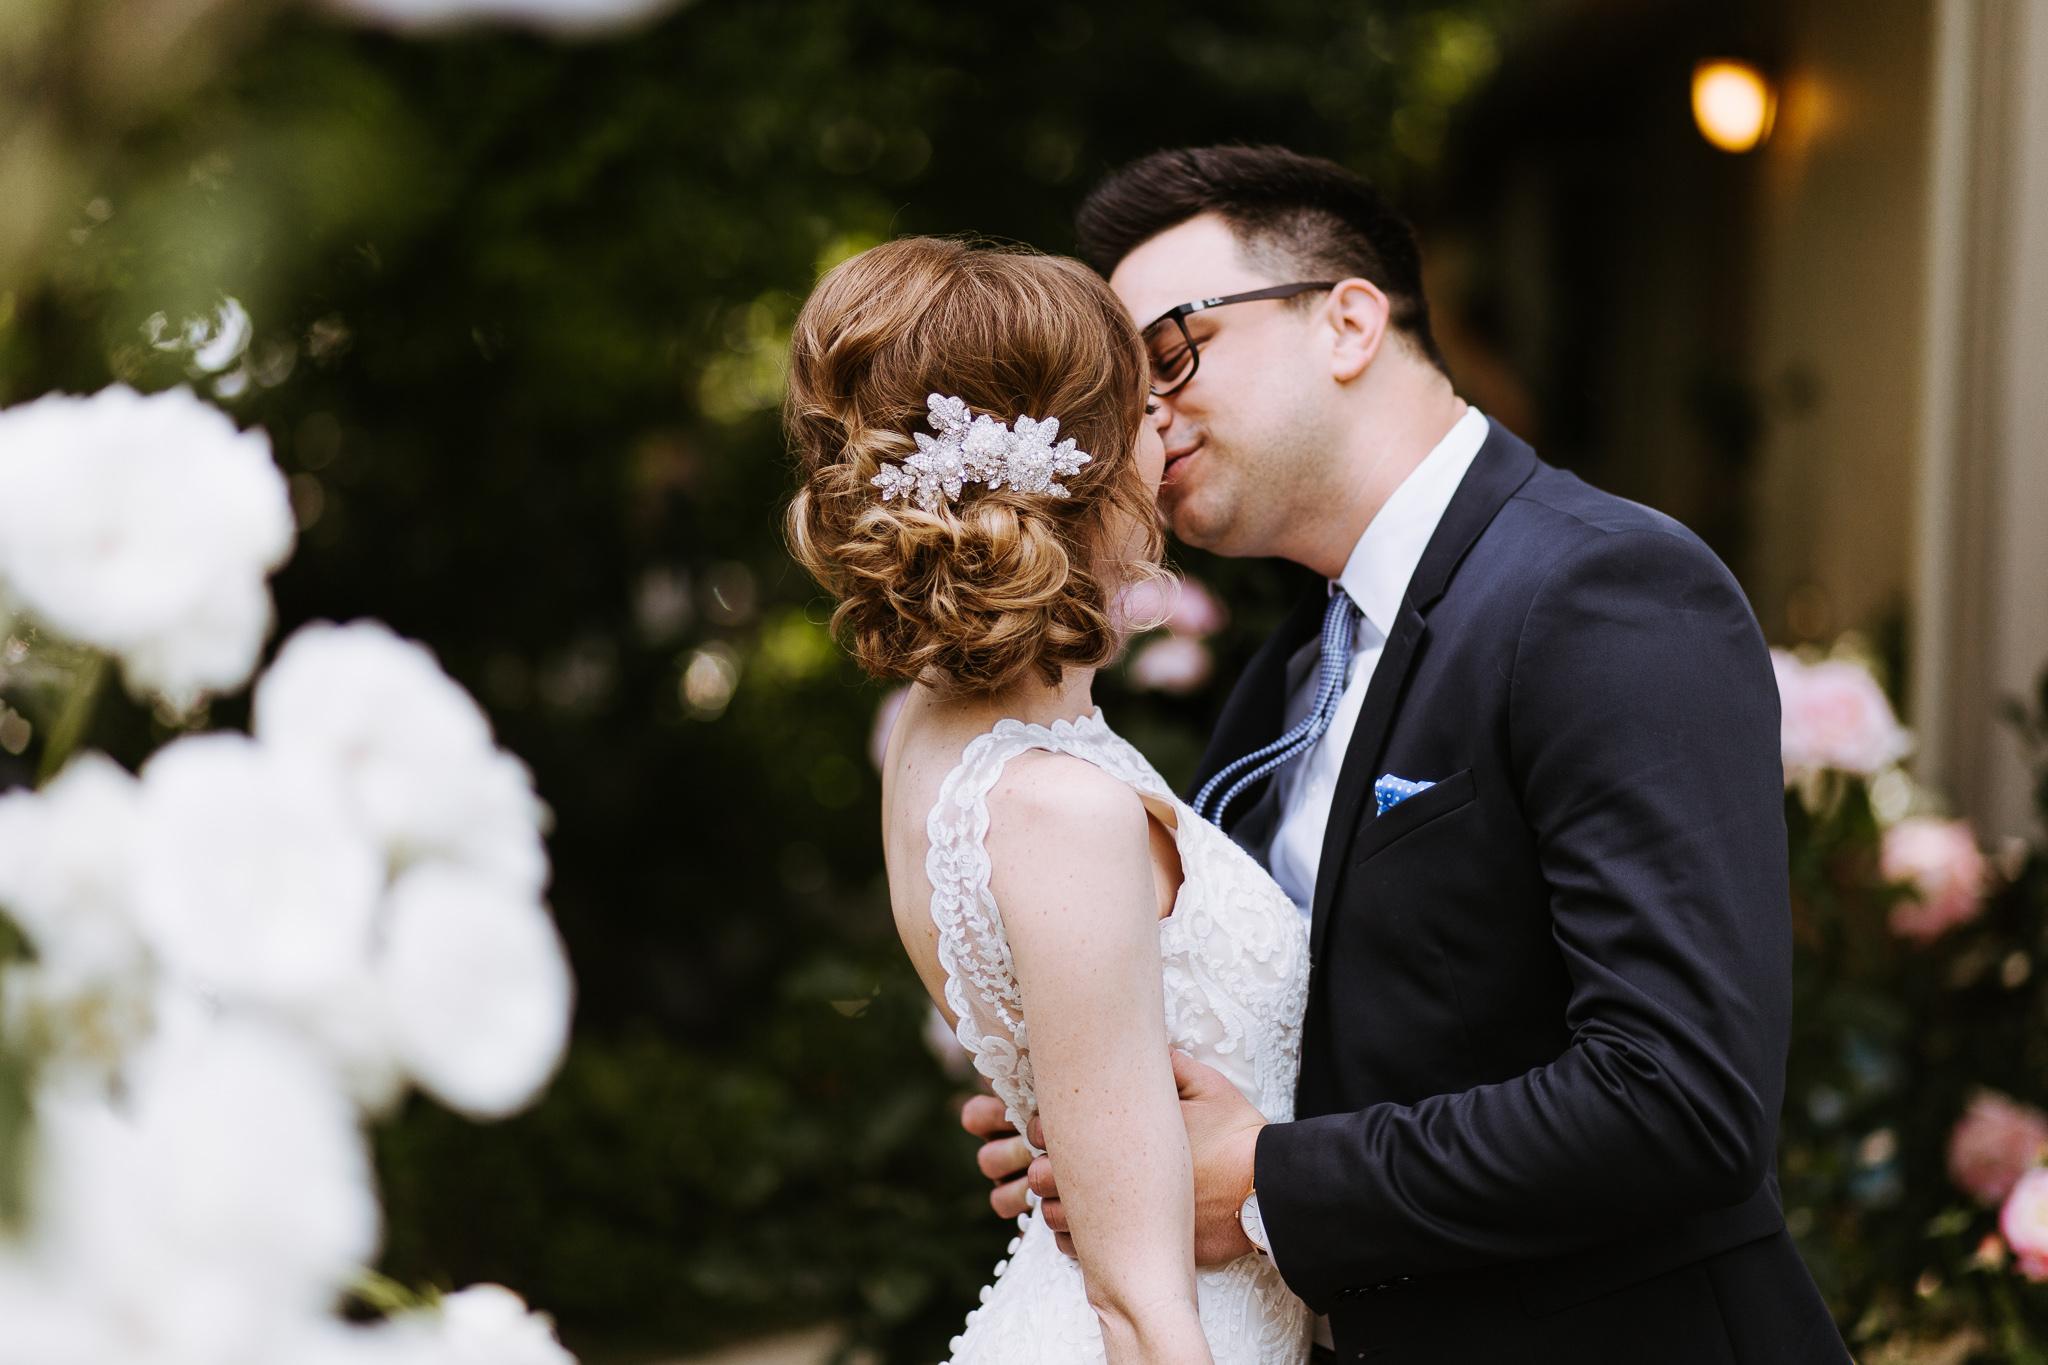 BayArea-Wedding-Photographer-29.jpg